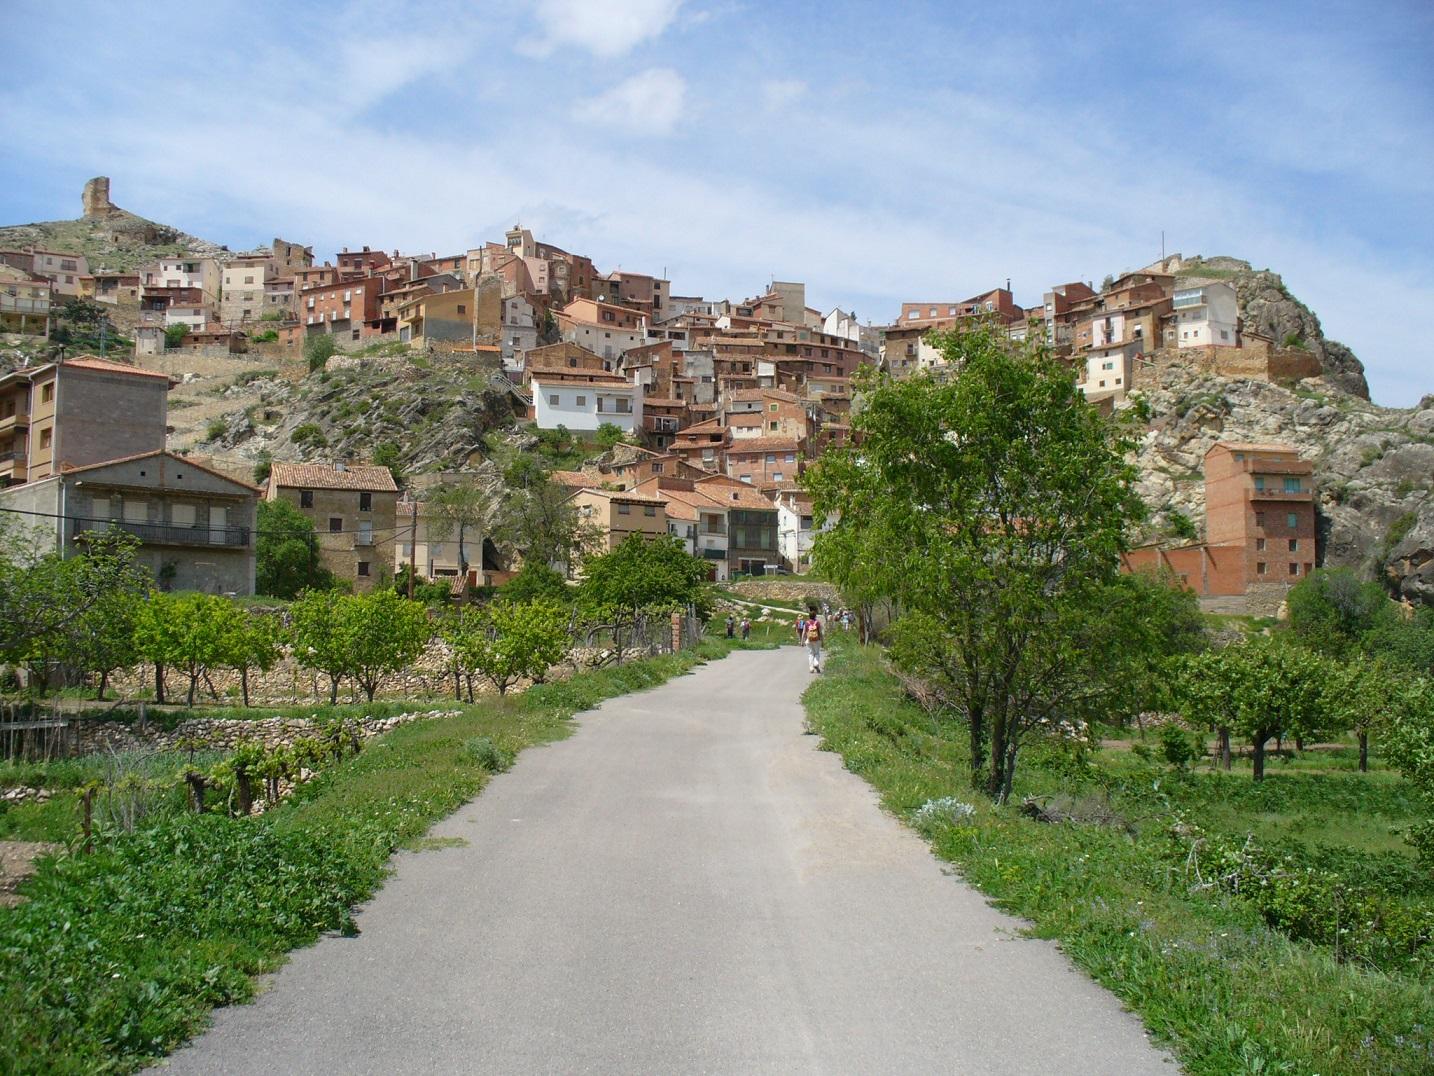 Fuente: www.escapadarural.com